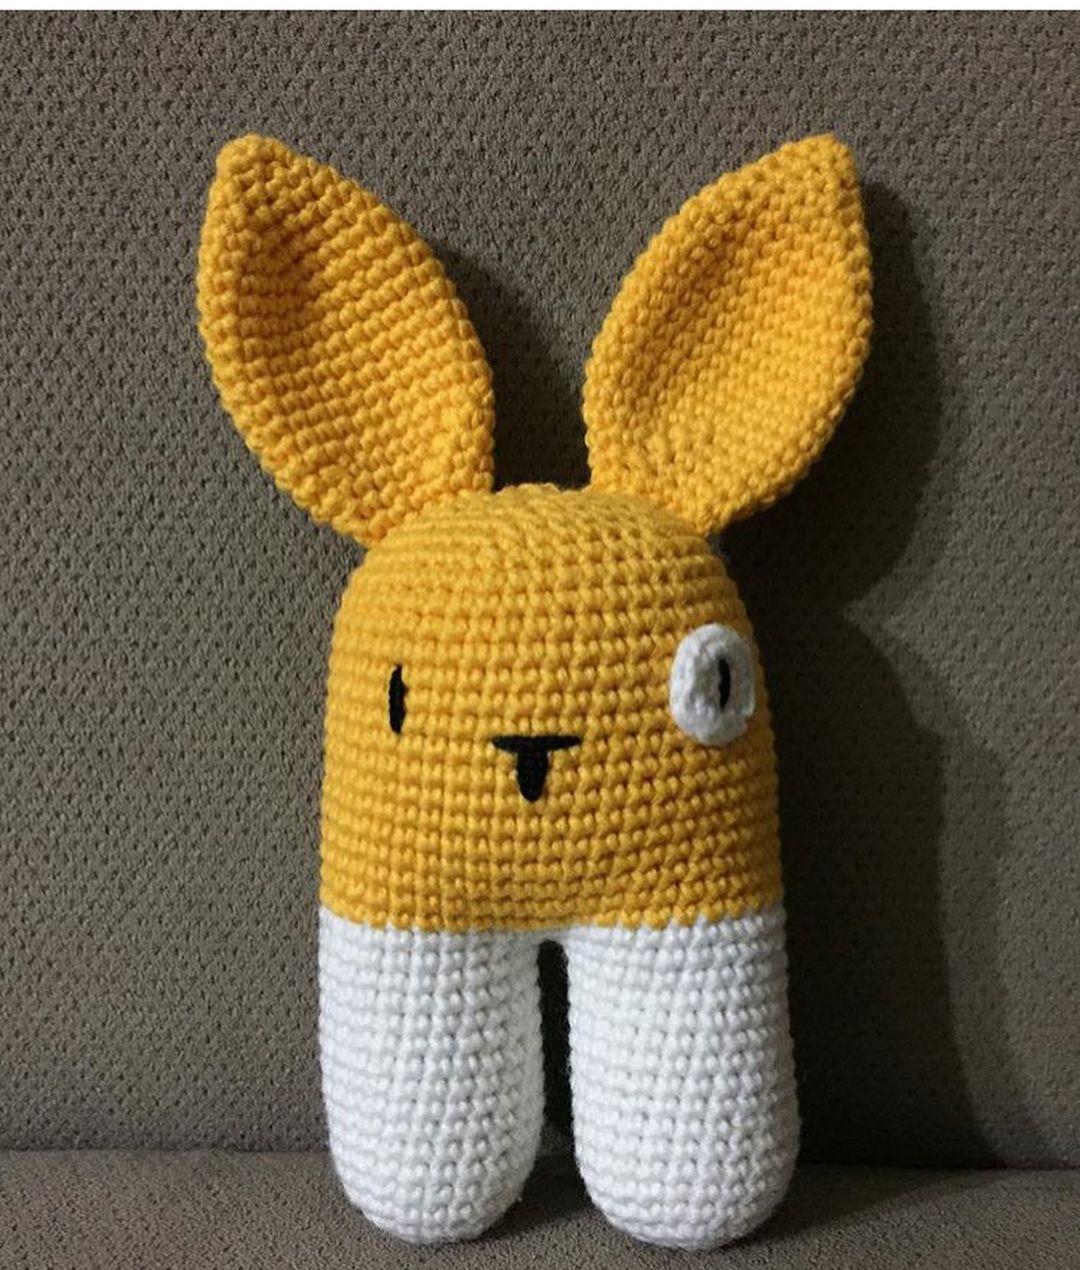 Knitted Toys & Amigurumi / Amigurumi bebek at sahibinden.com ... | 1270x1080